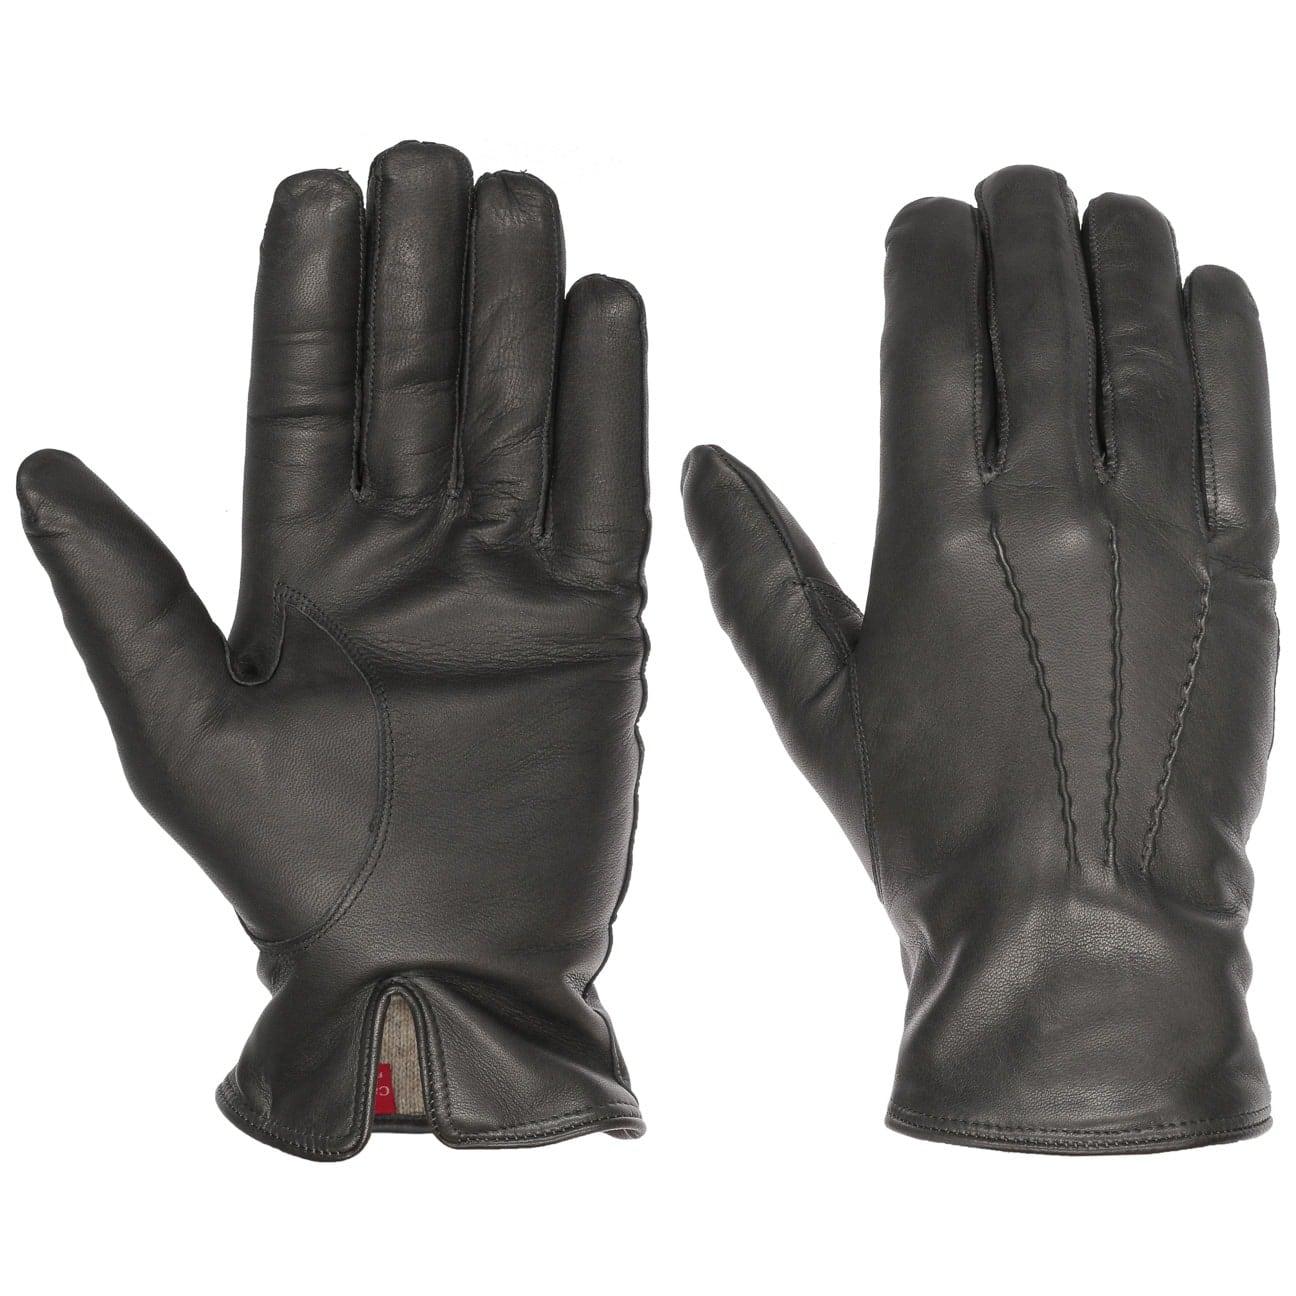 Guantes de Hombre Piel de Napa by Caridei  guantes de piel